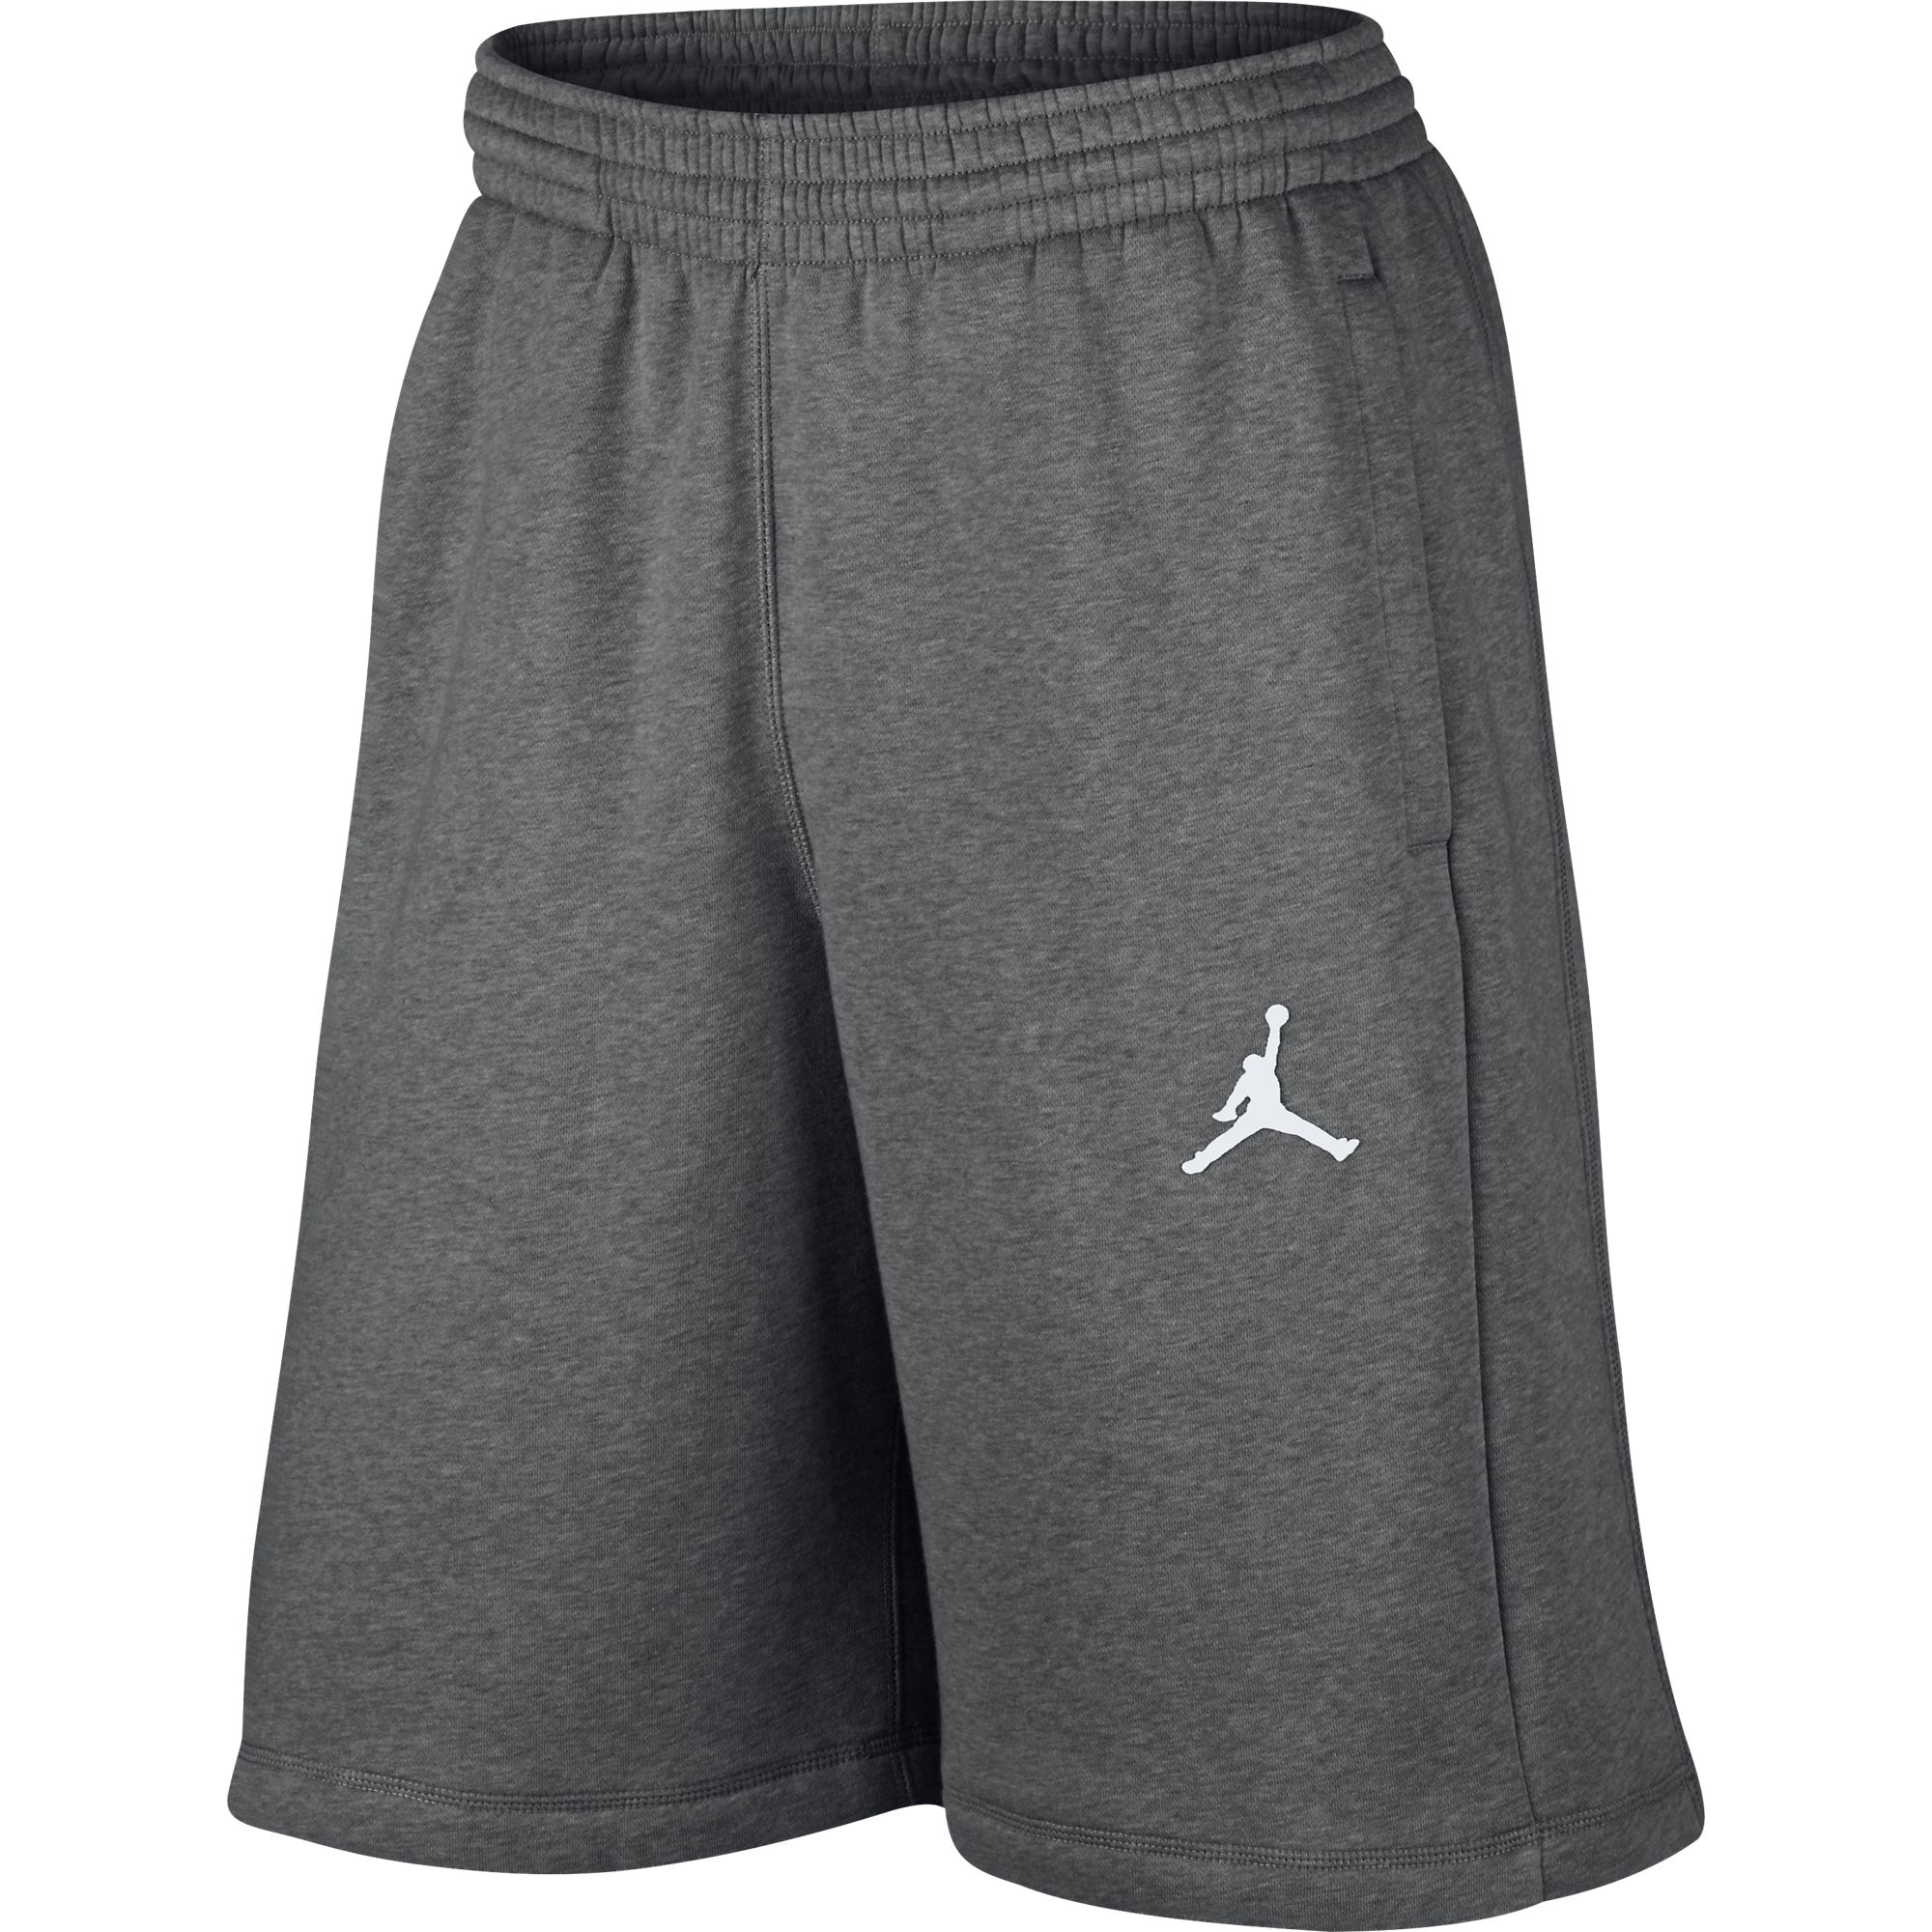 ca882d53fa6 Details about Jordan Jumpman Flight Fleece Men's Shorts Carbon  Heather/White 824020-091